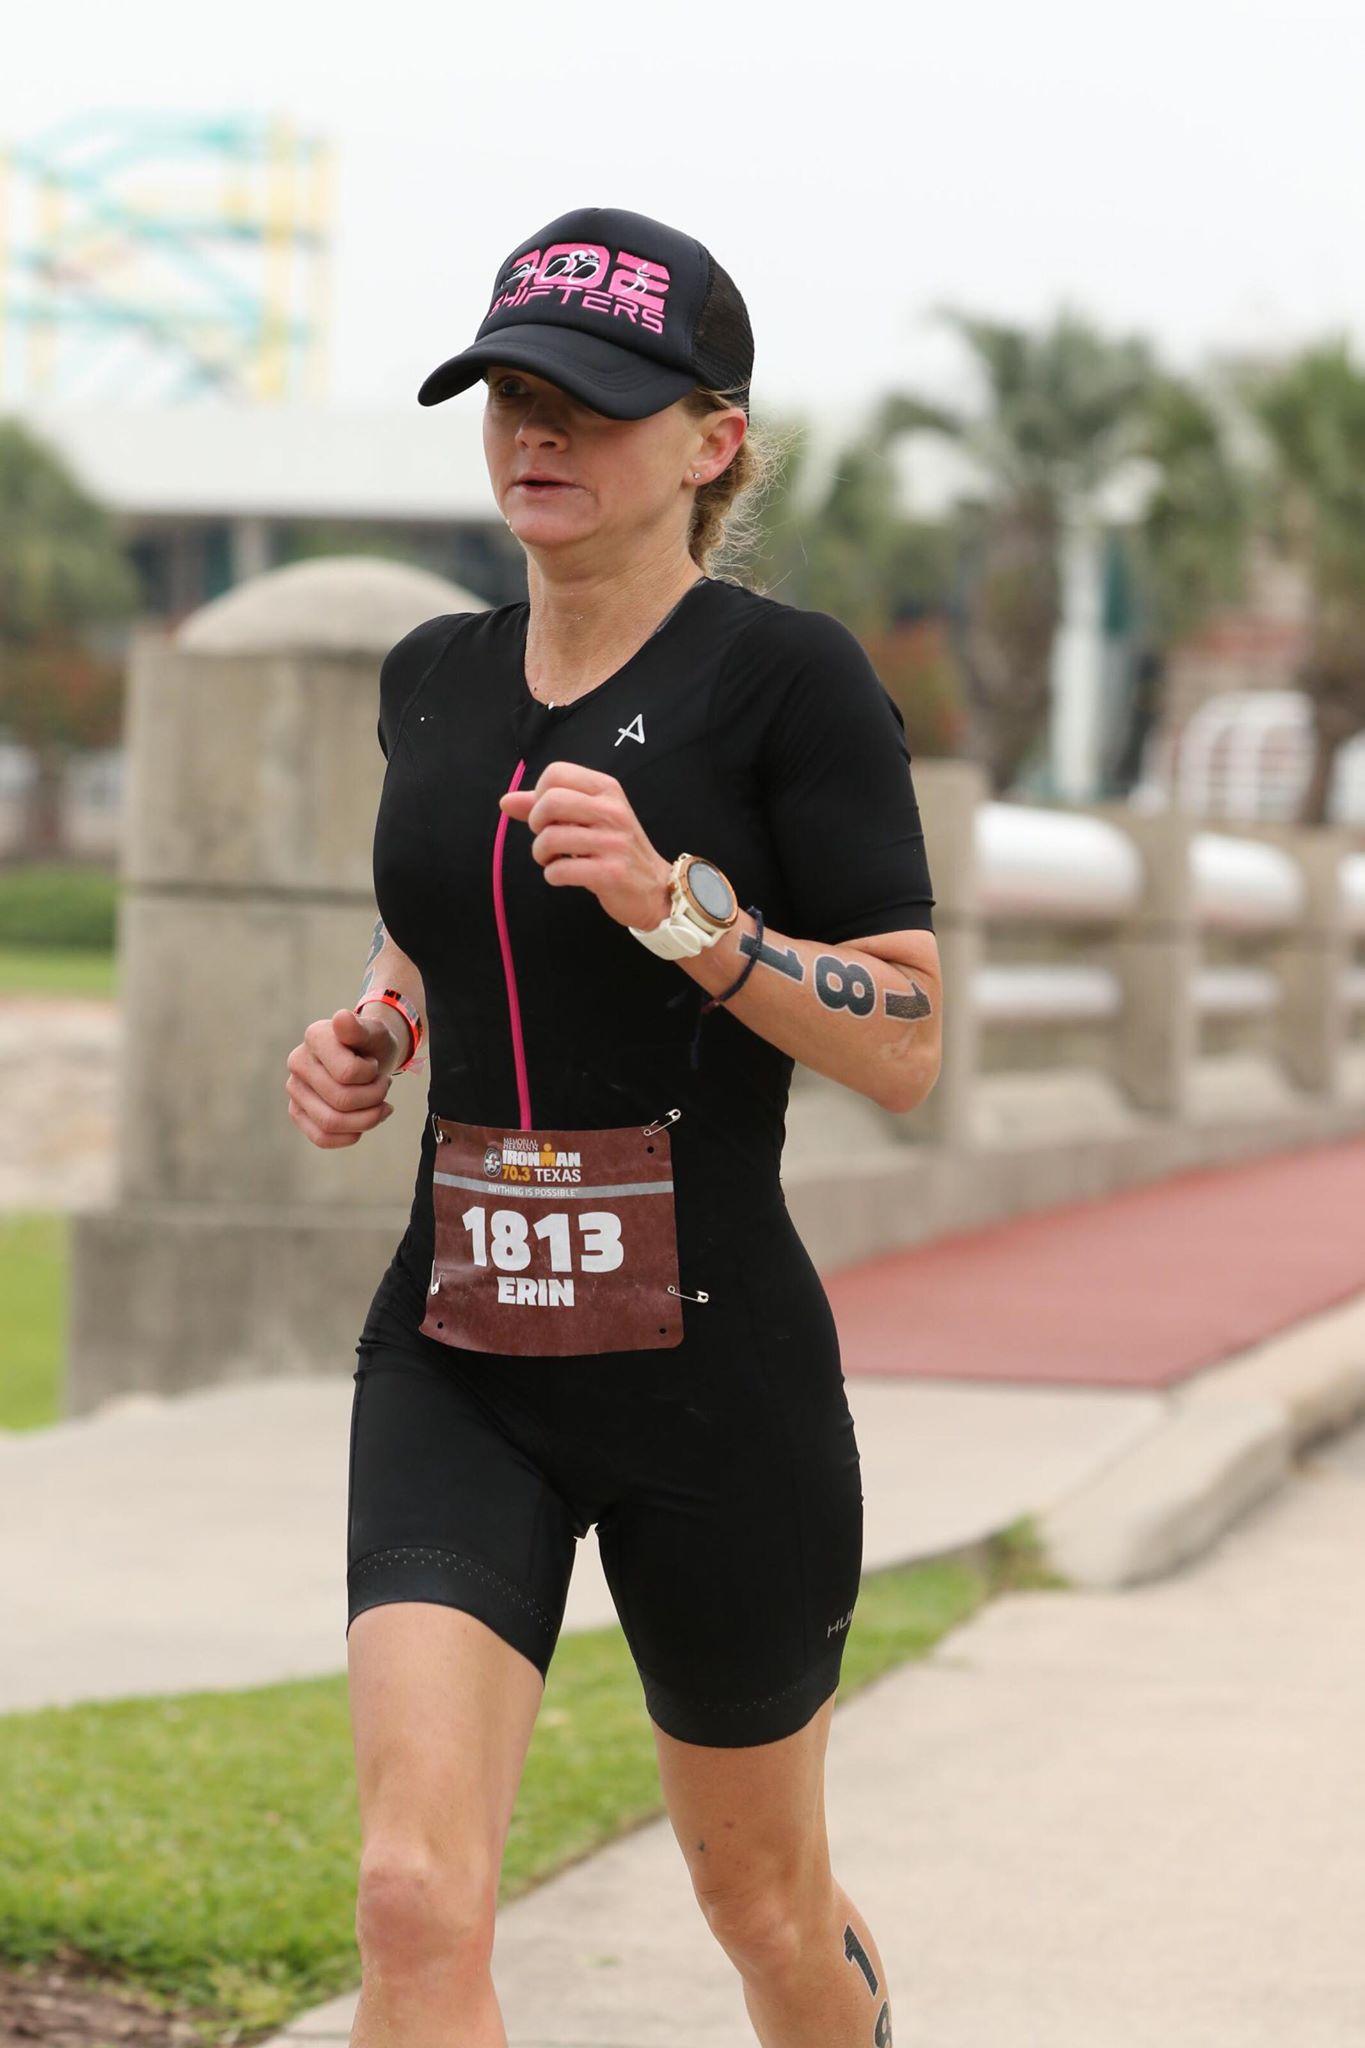 Erin_Ray_Texas_703_Run.jpg